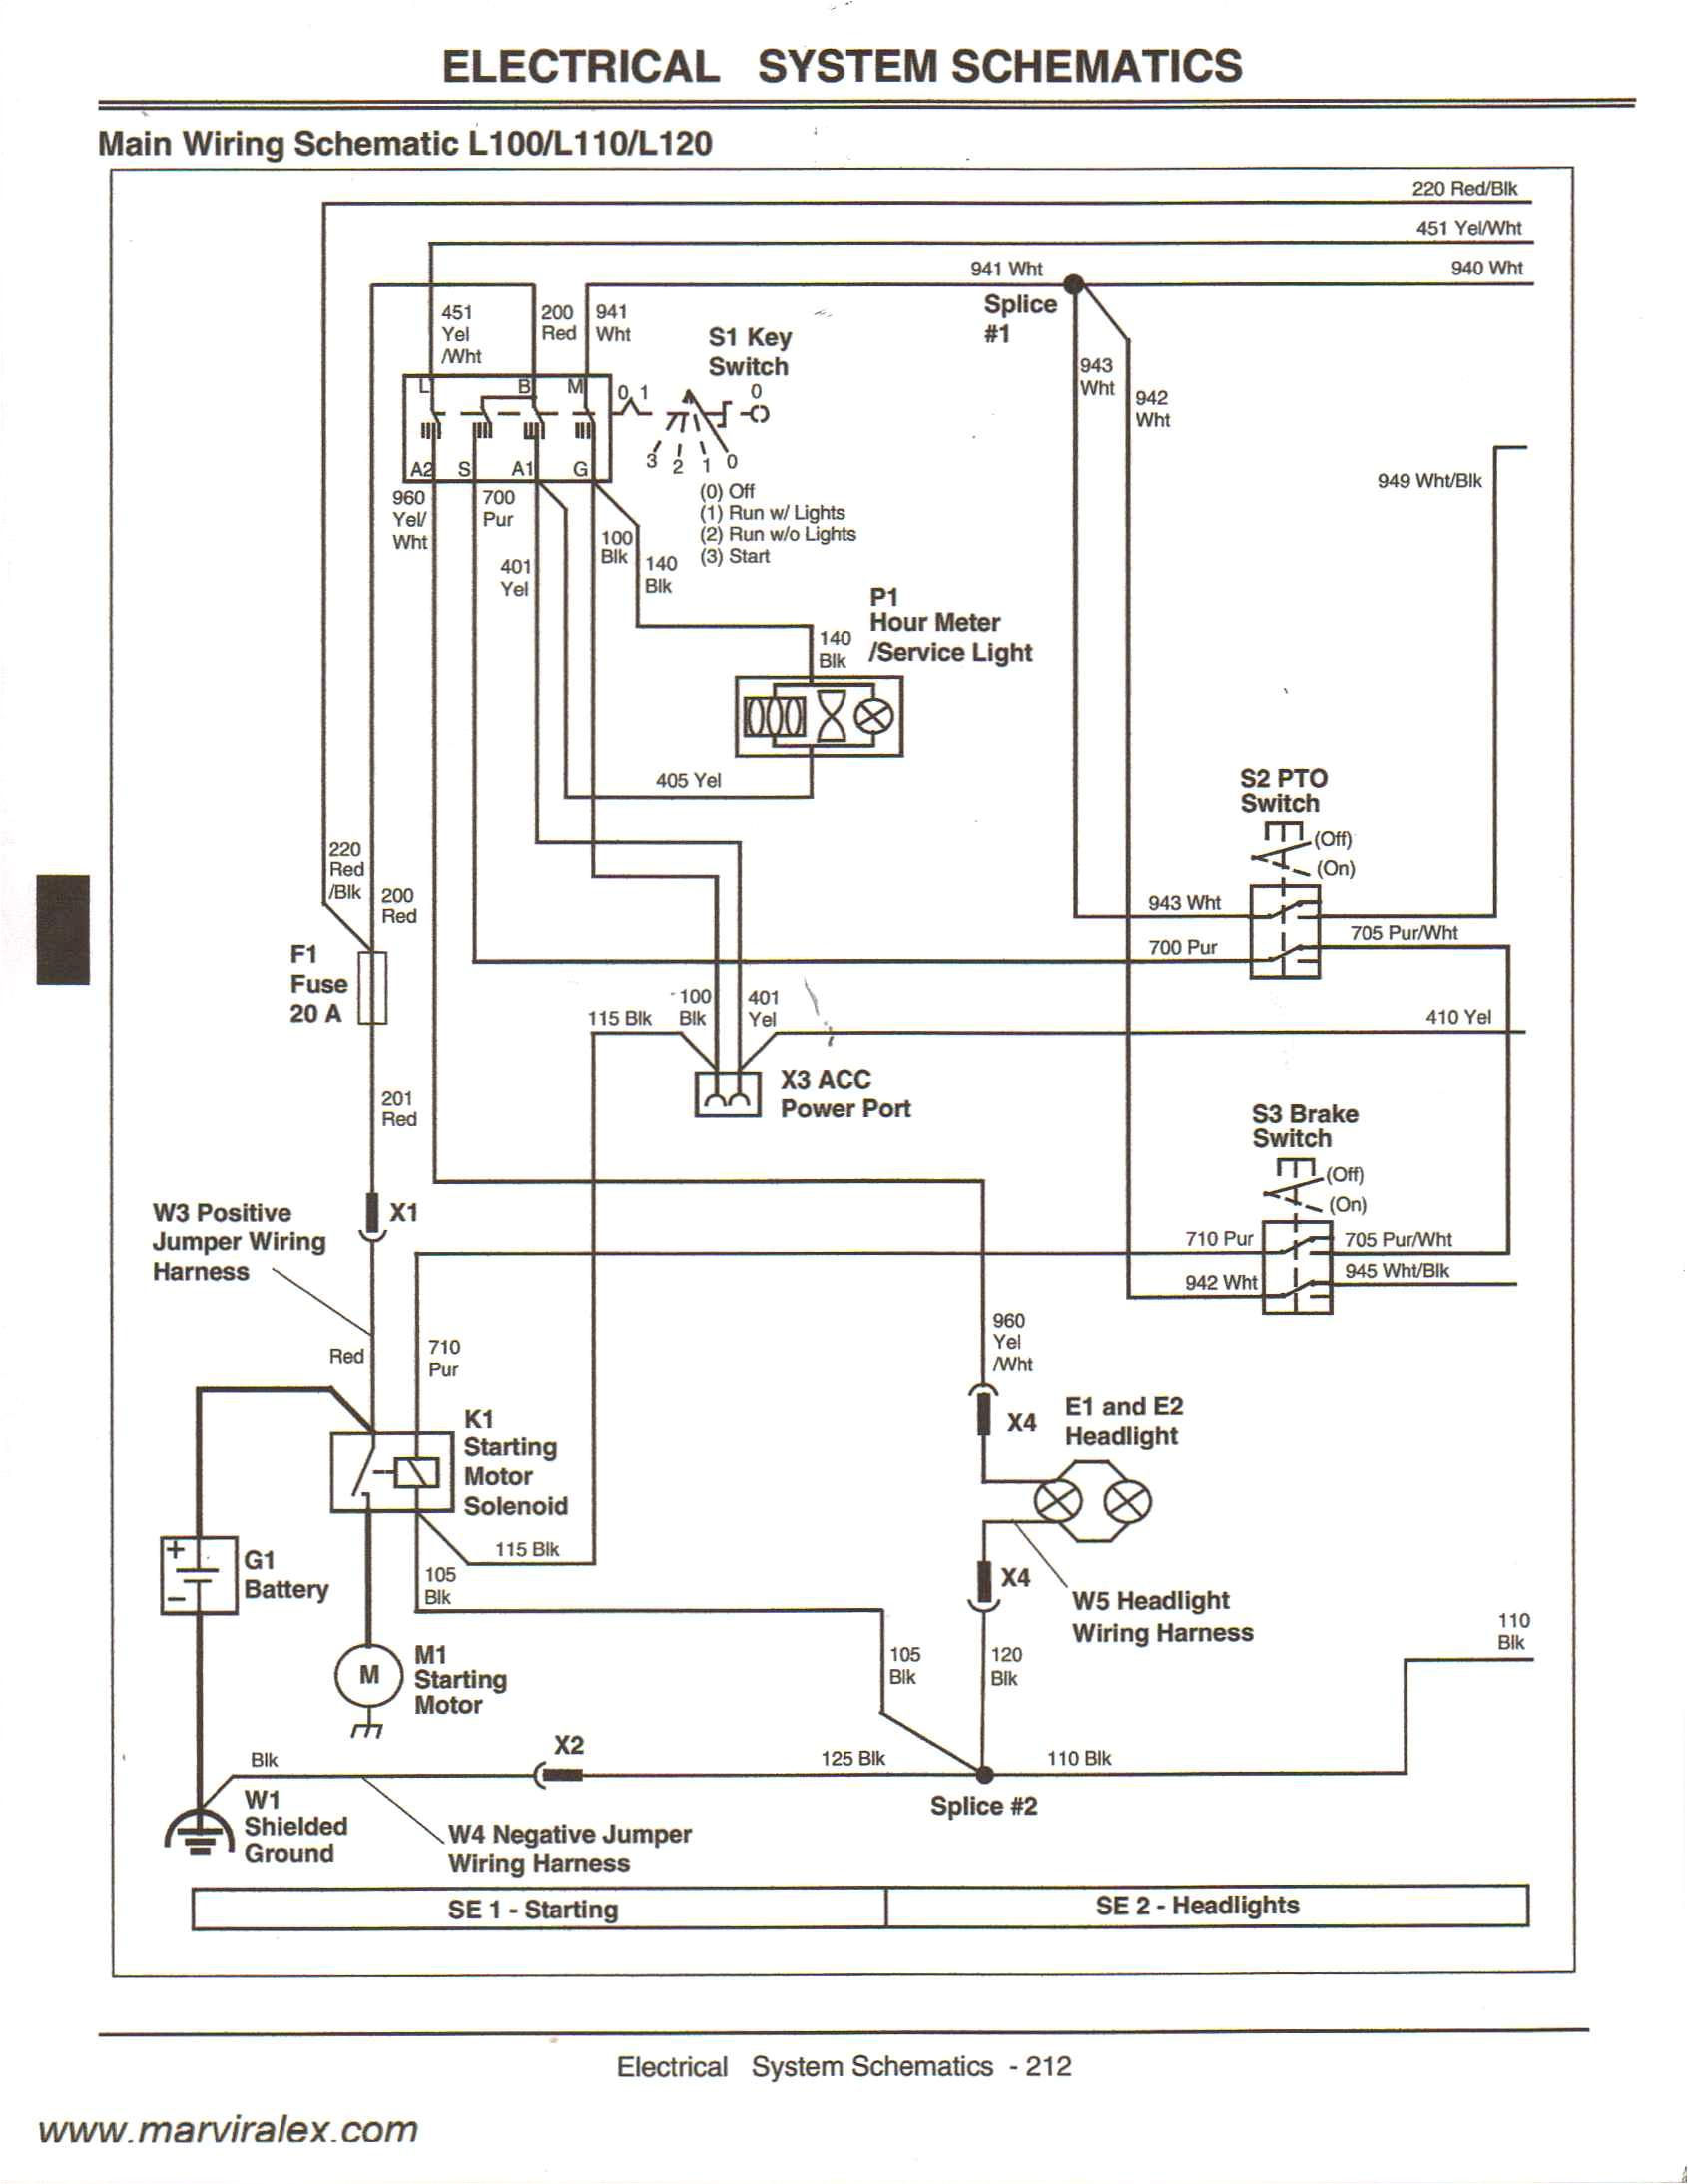 john deere excavator wiring diagram schema wiring diagram john deere 1830 wiring diagrams